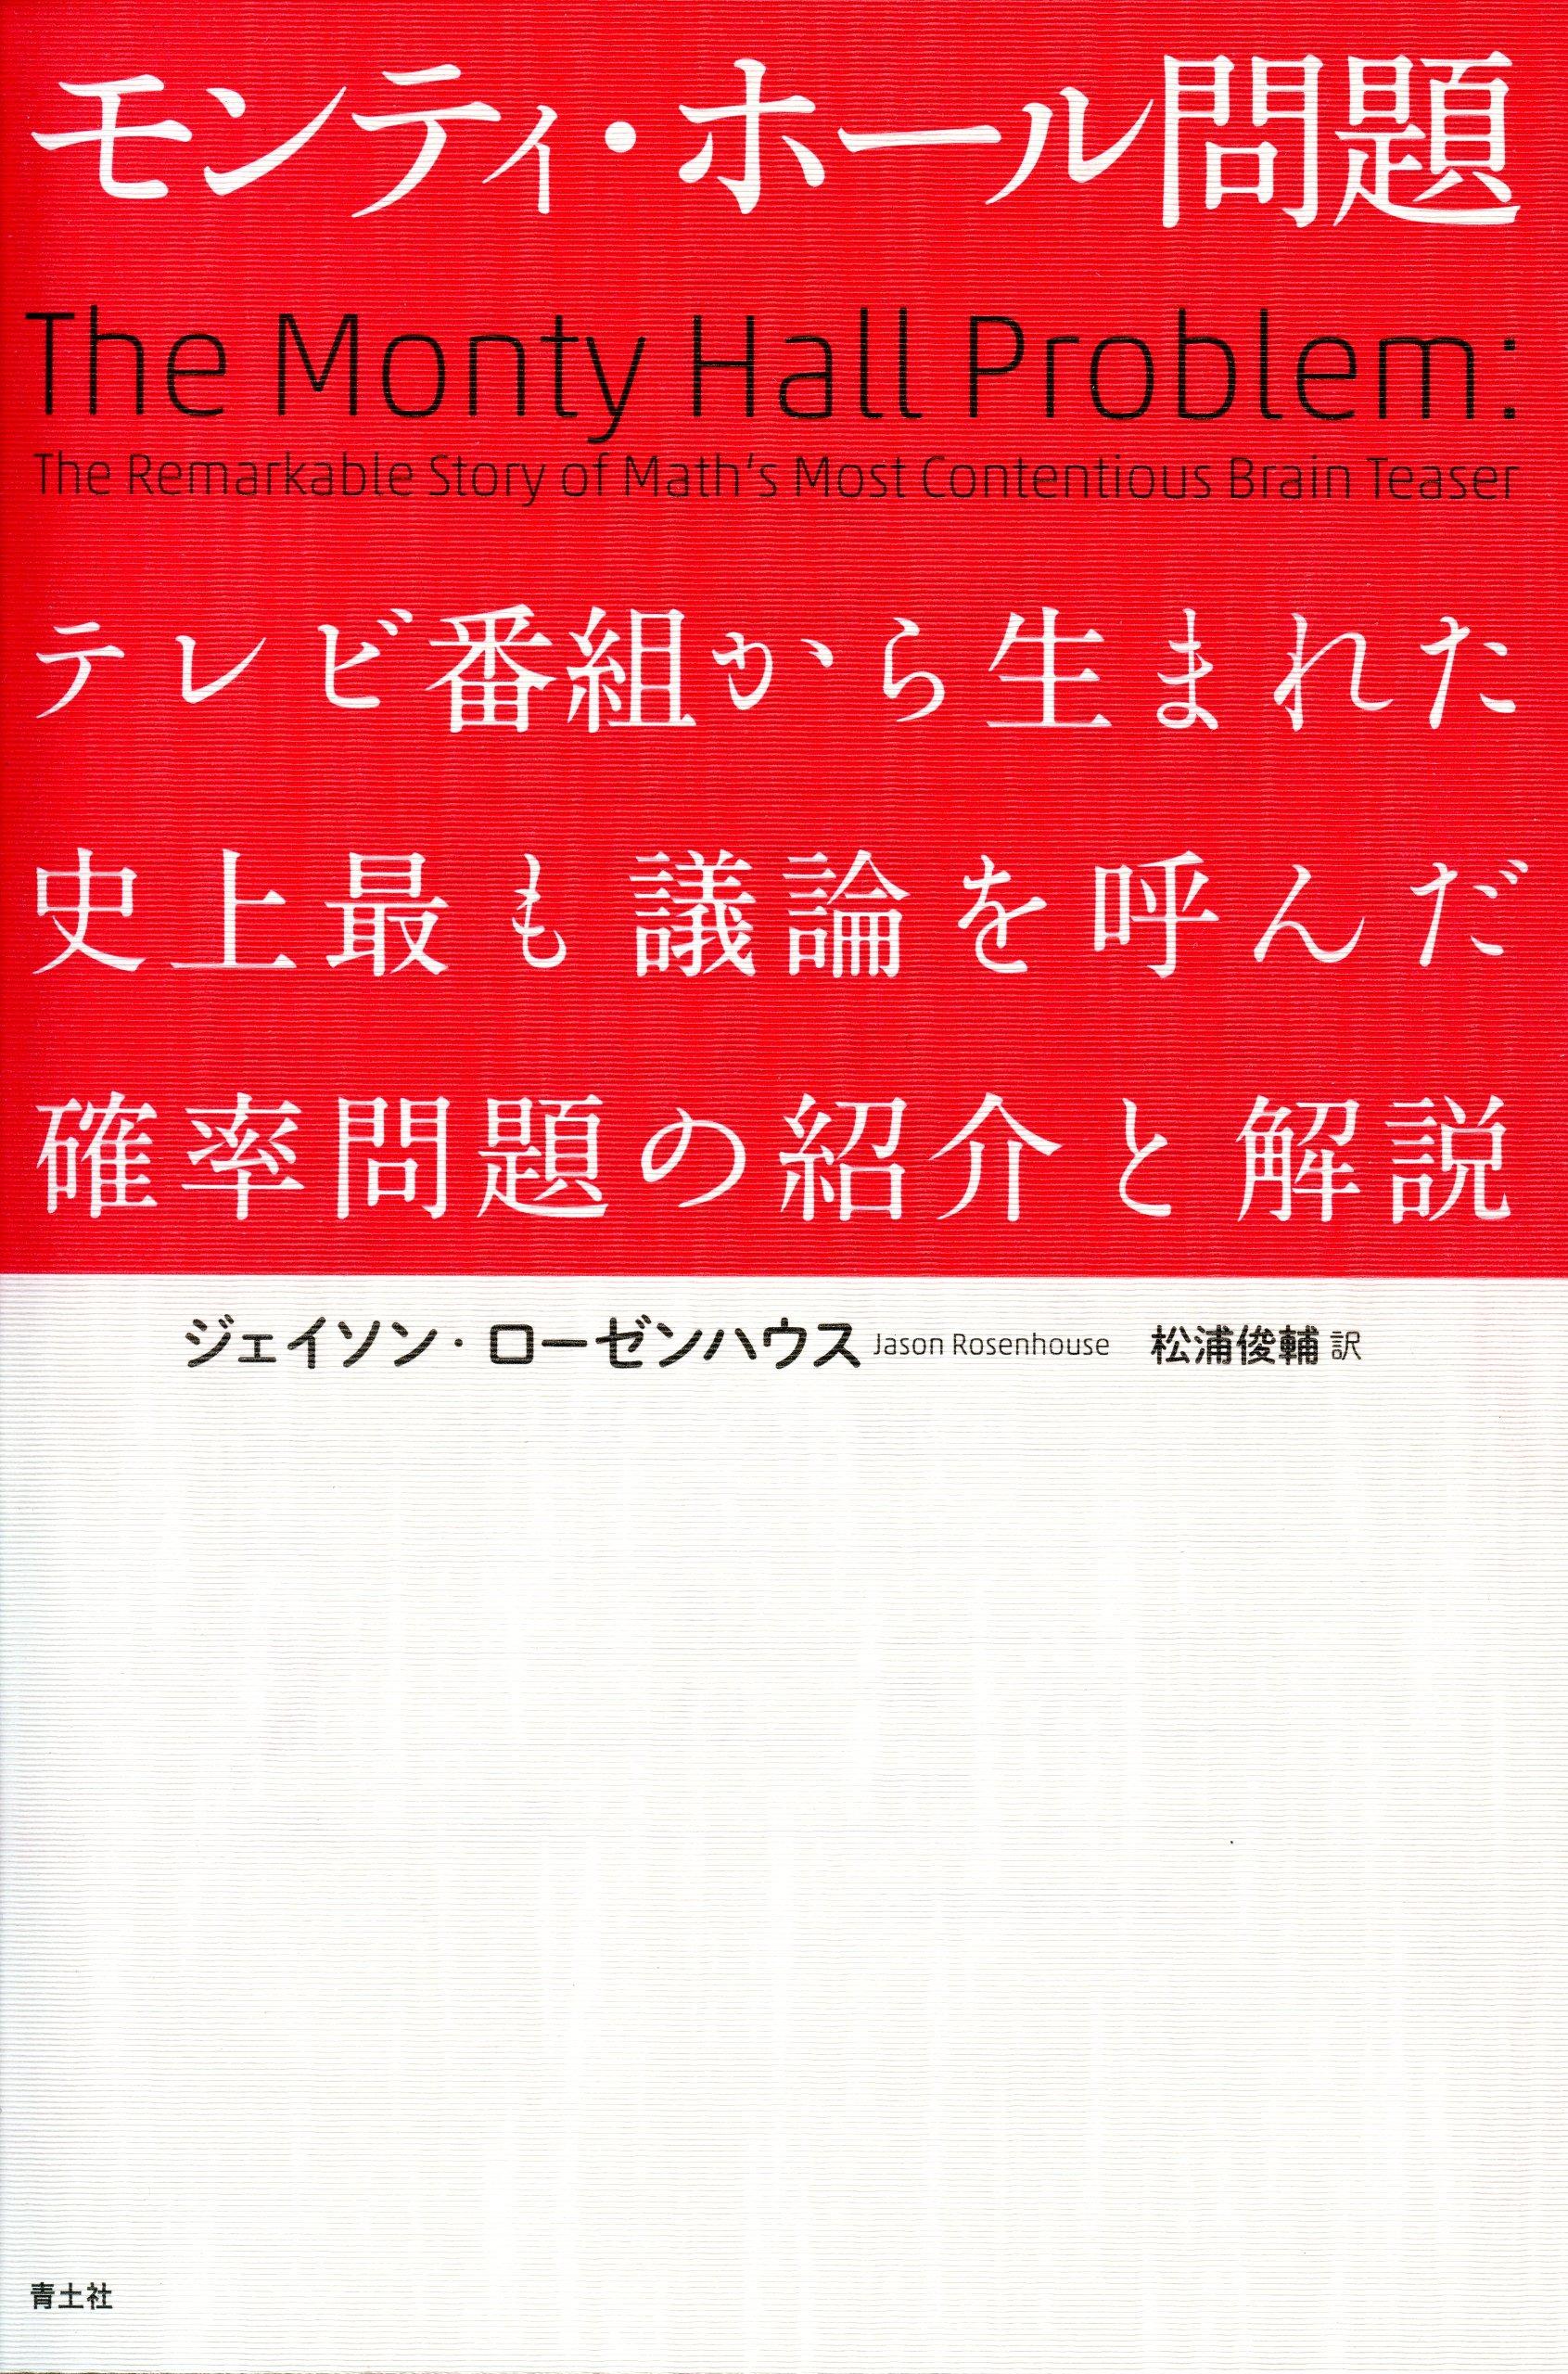 ジェイソン・ローゼンハウス(2013)『モンティ・ホール問題』青土社